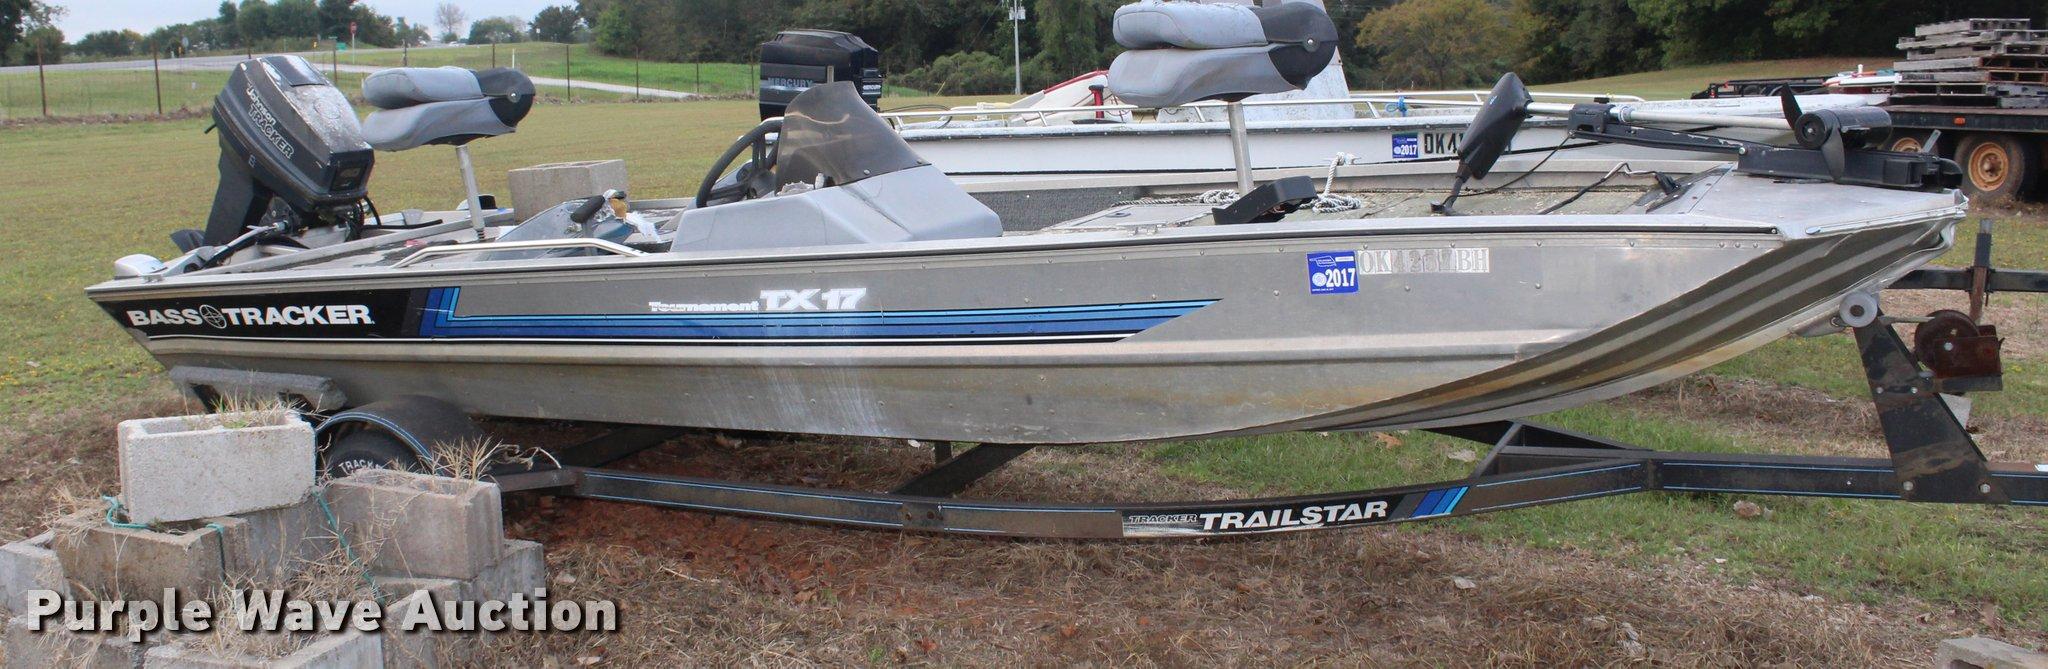 1992 Bass Tracker boat | Item AQ9555 | SOLD! November 2 Okla